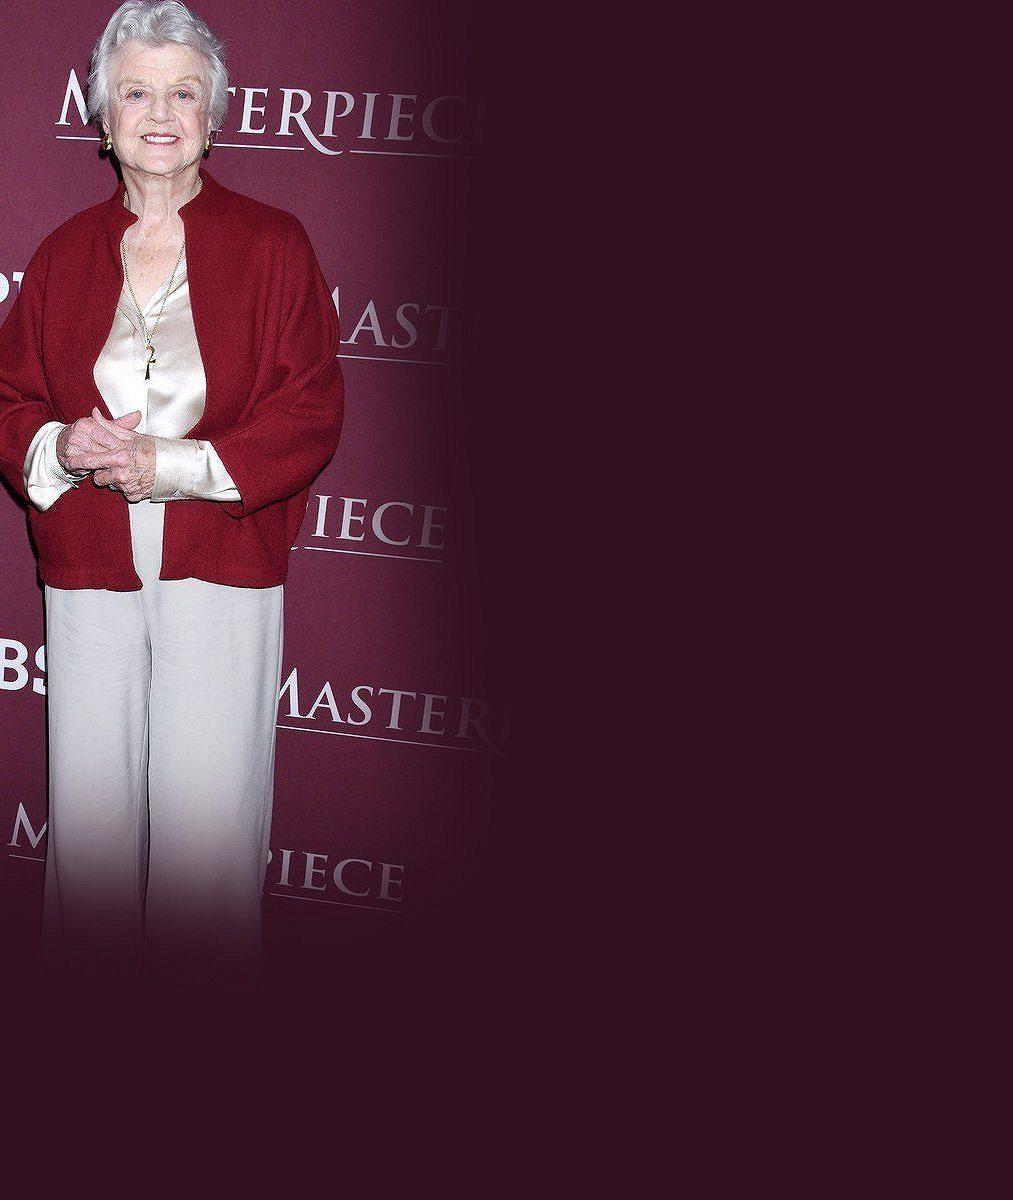 Seriálová Jessica Fletcherová je stále plná sil: Legendární herečka (92) další role neodmítá